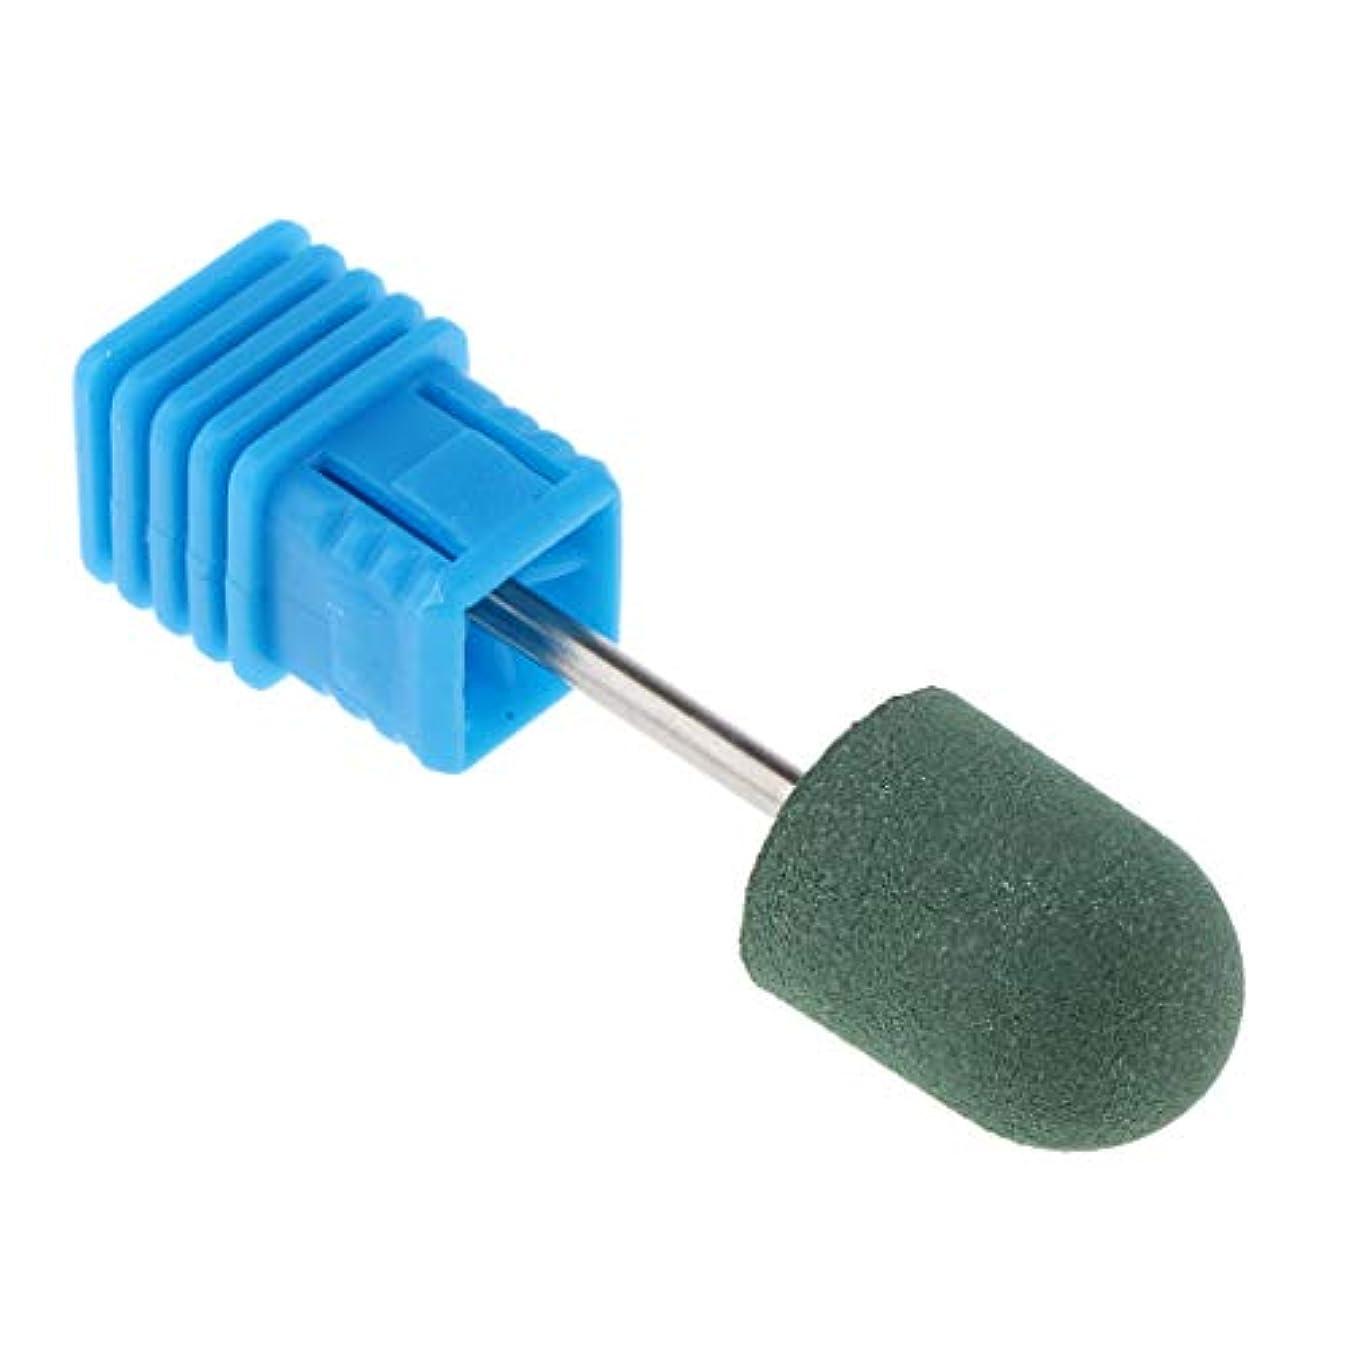 悲鳴試験ペーストgazechimp 3サイズ選択 電動ネイルアートビット ドリルビット 研磨研削バフ ヘッド - 04